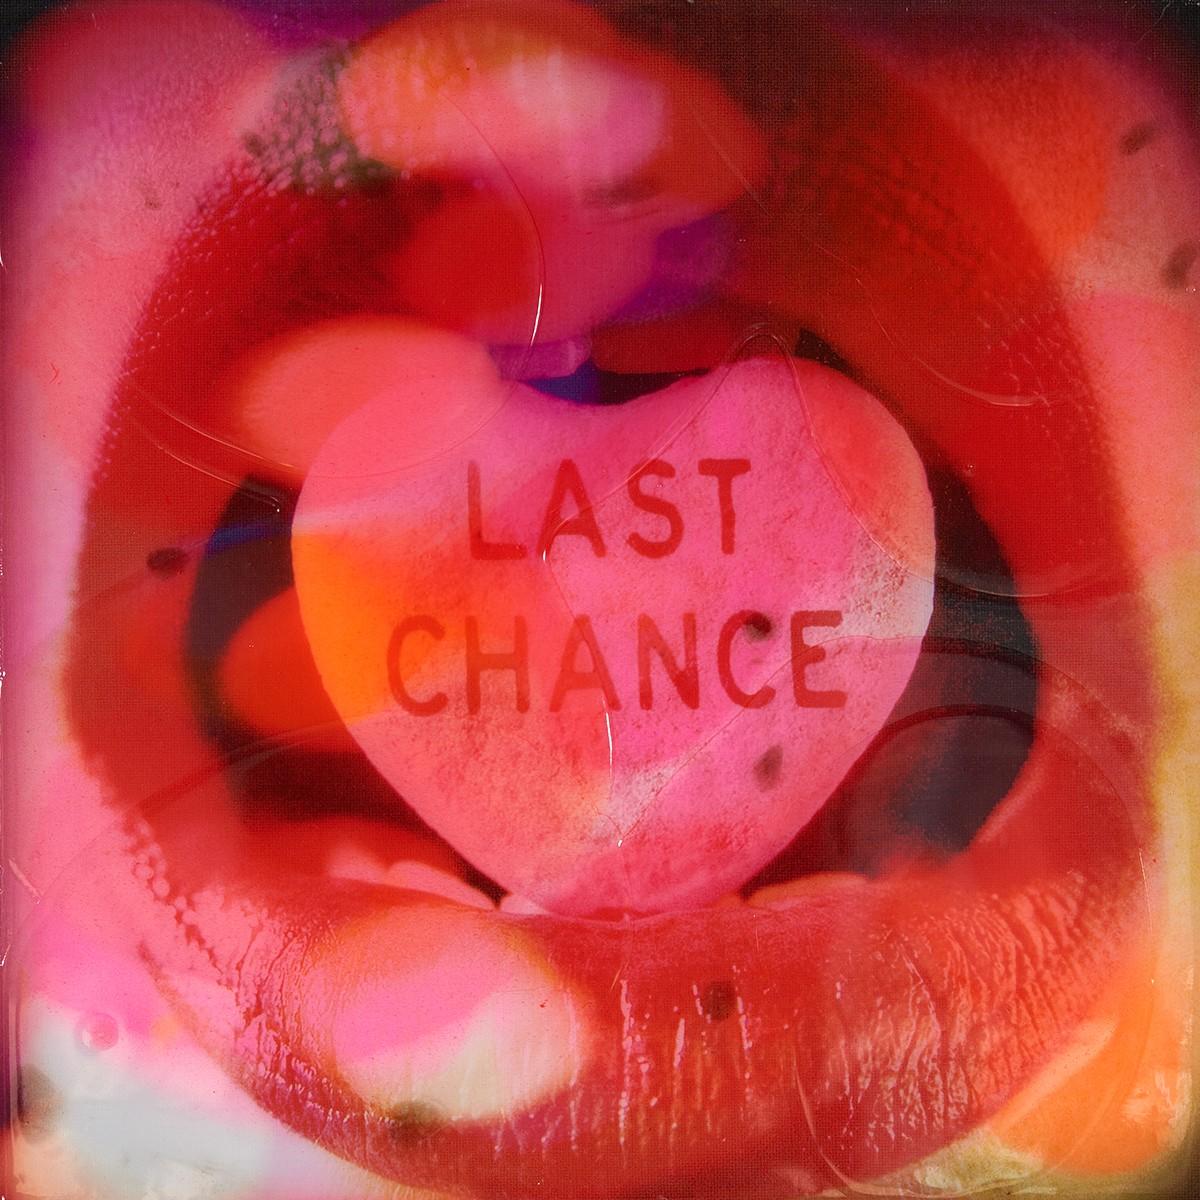 Last chance - Döring, Jörg - k-DLACH16